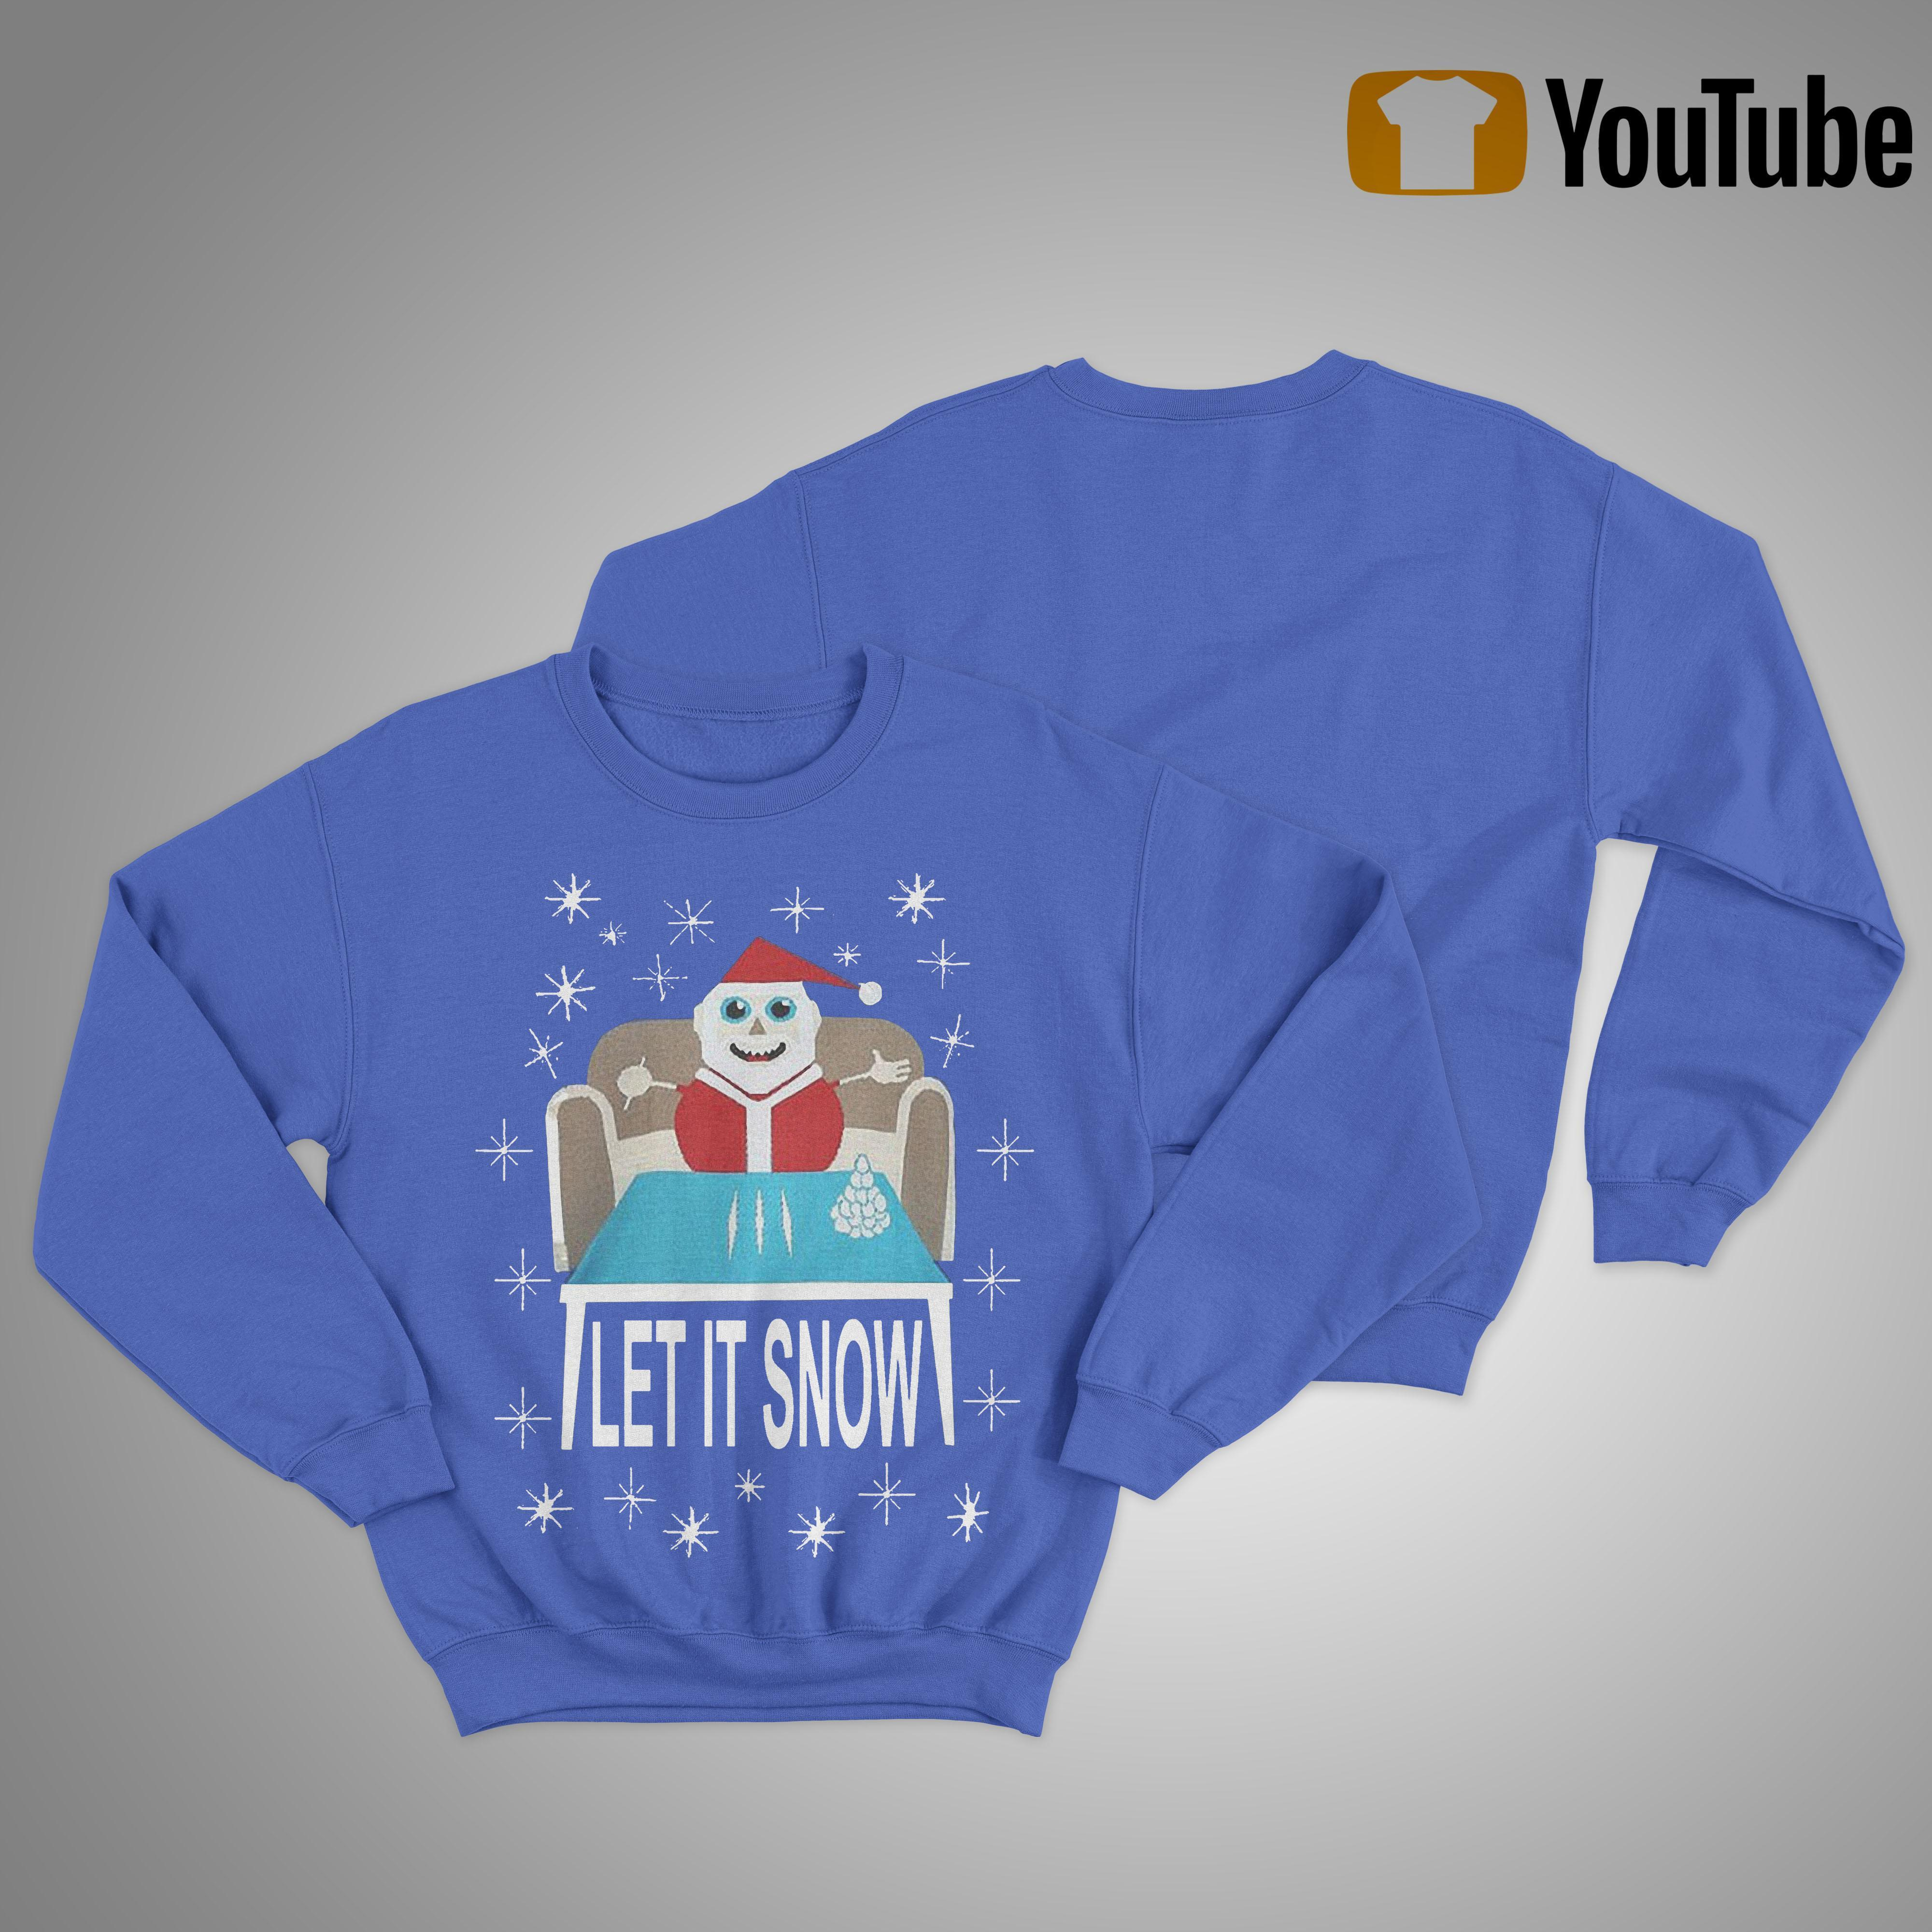 Walmart Let It Snow Sweater